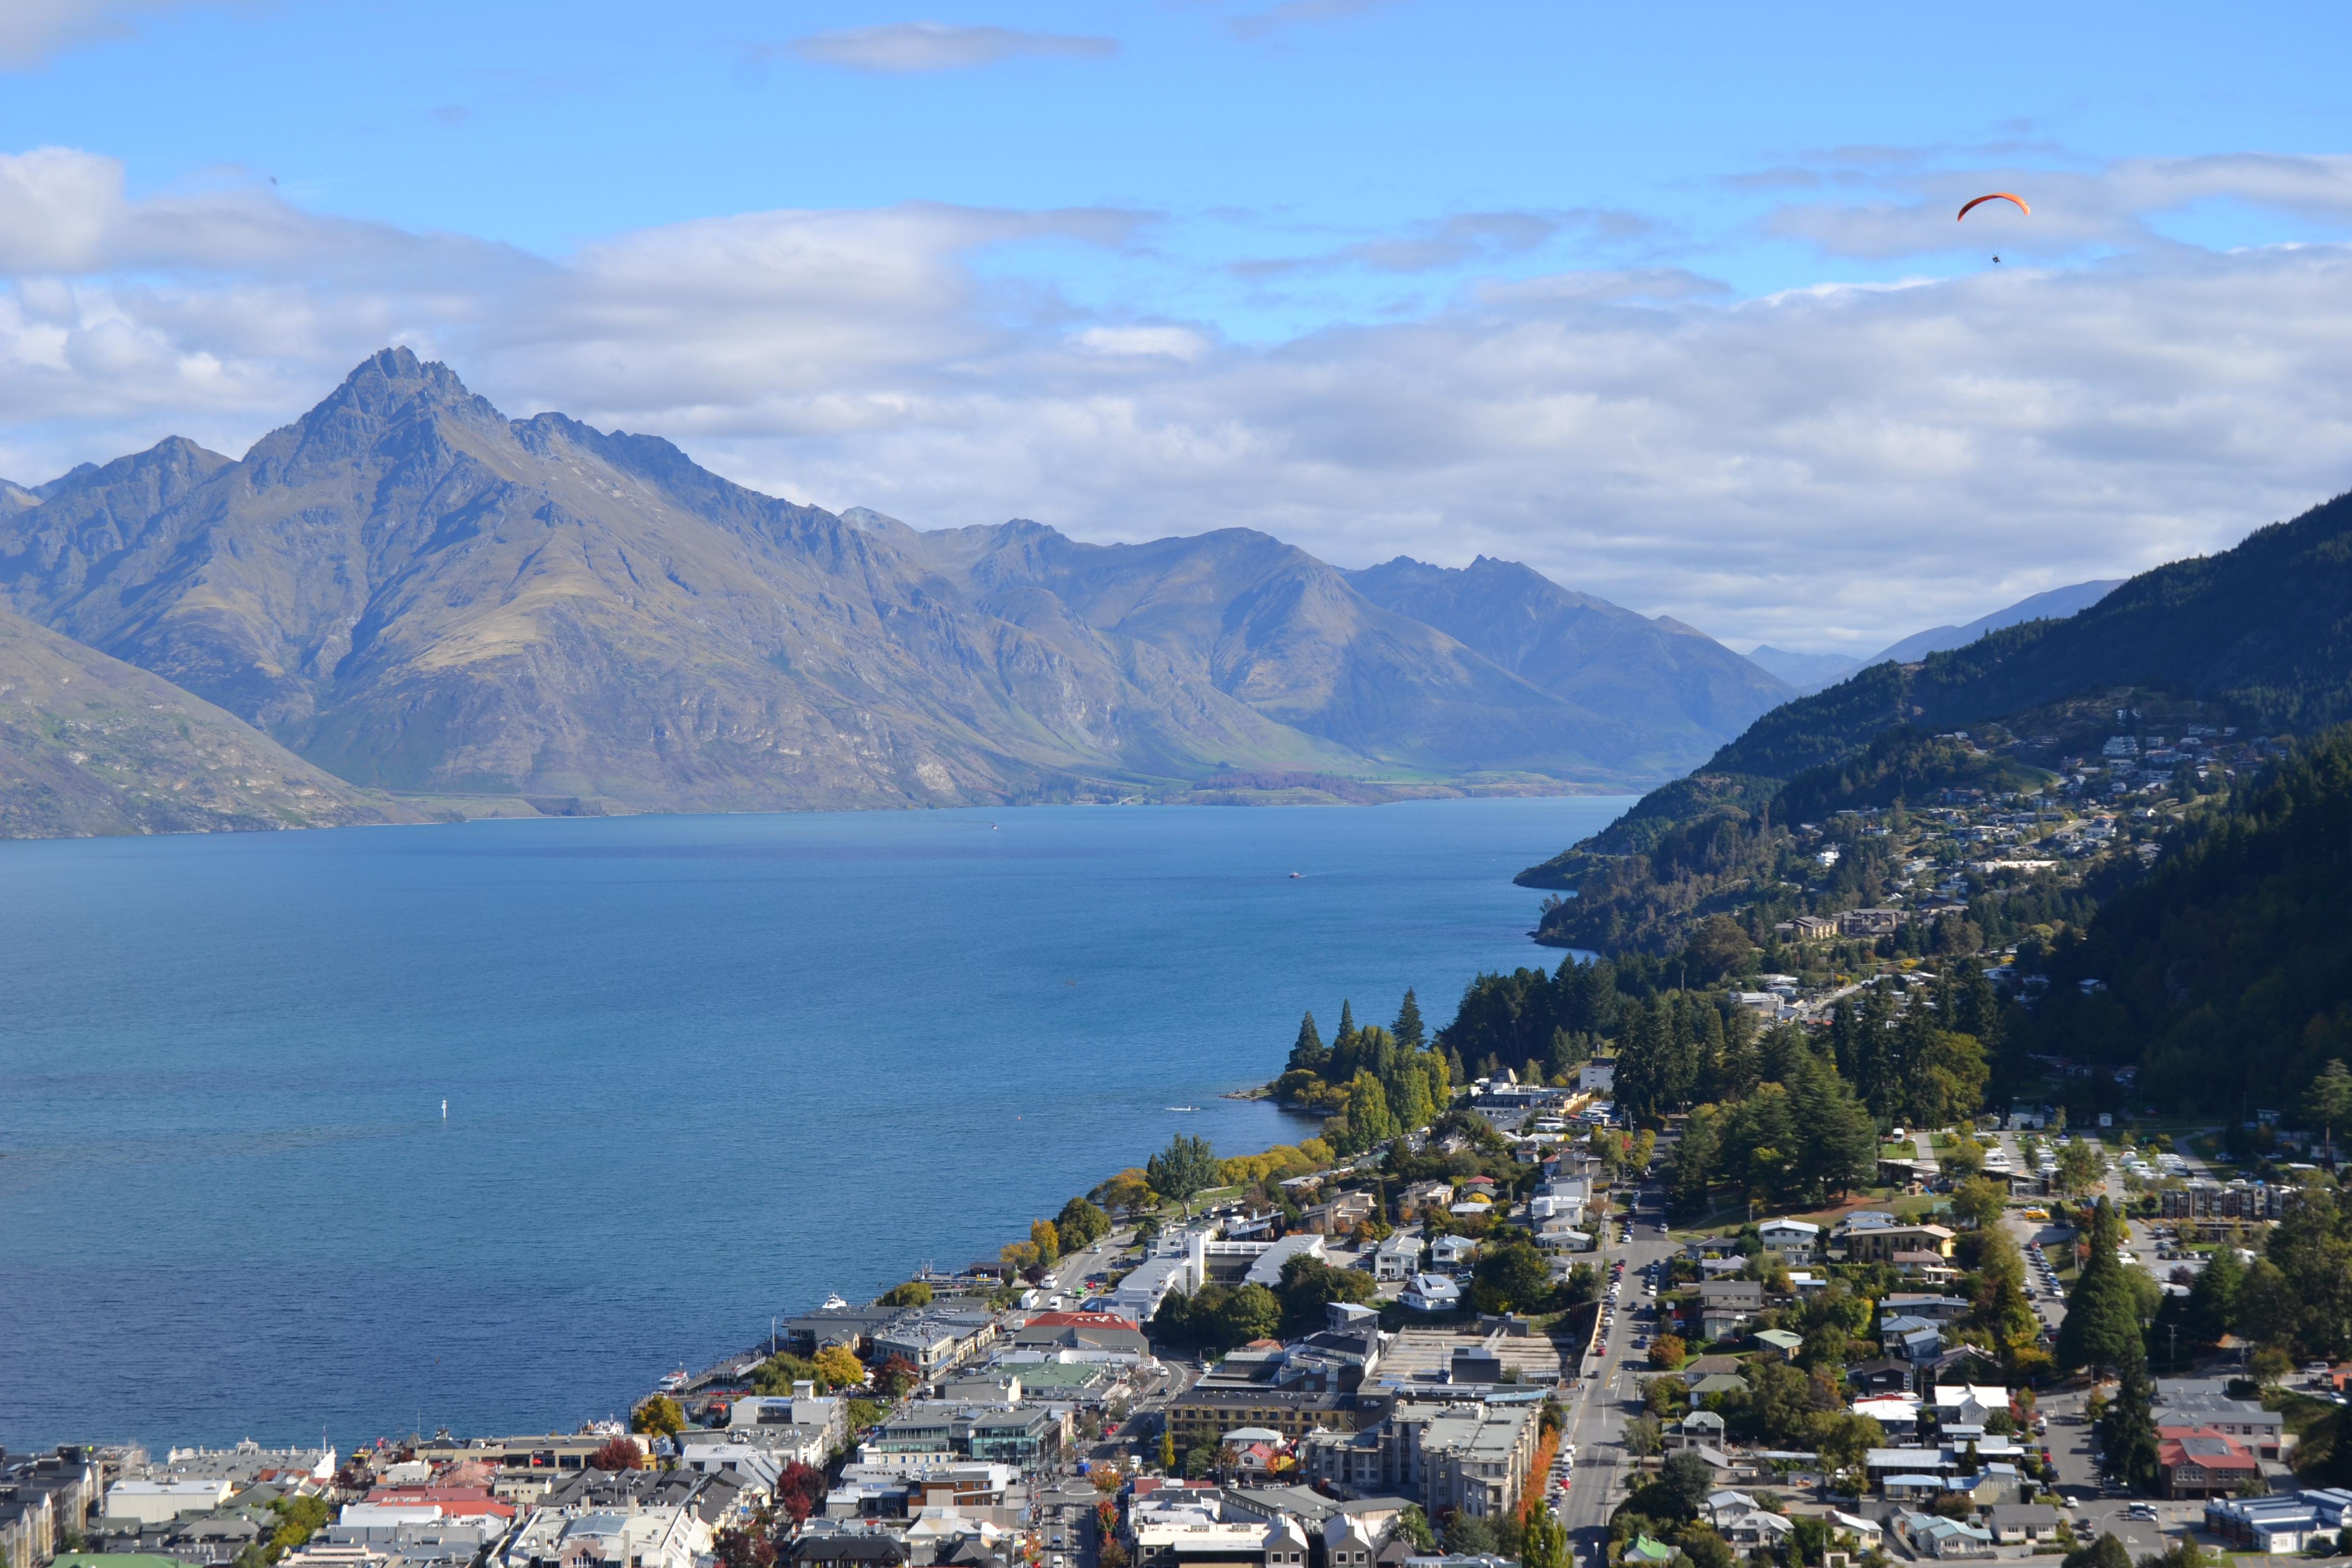 Utsikten i Queenstown, Nya Zeeland. Foto: Elsa Svorse